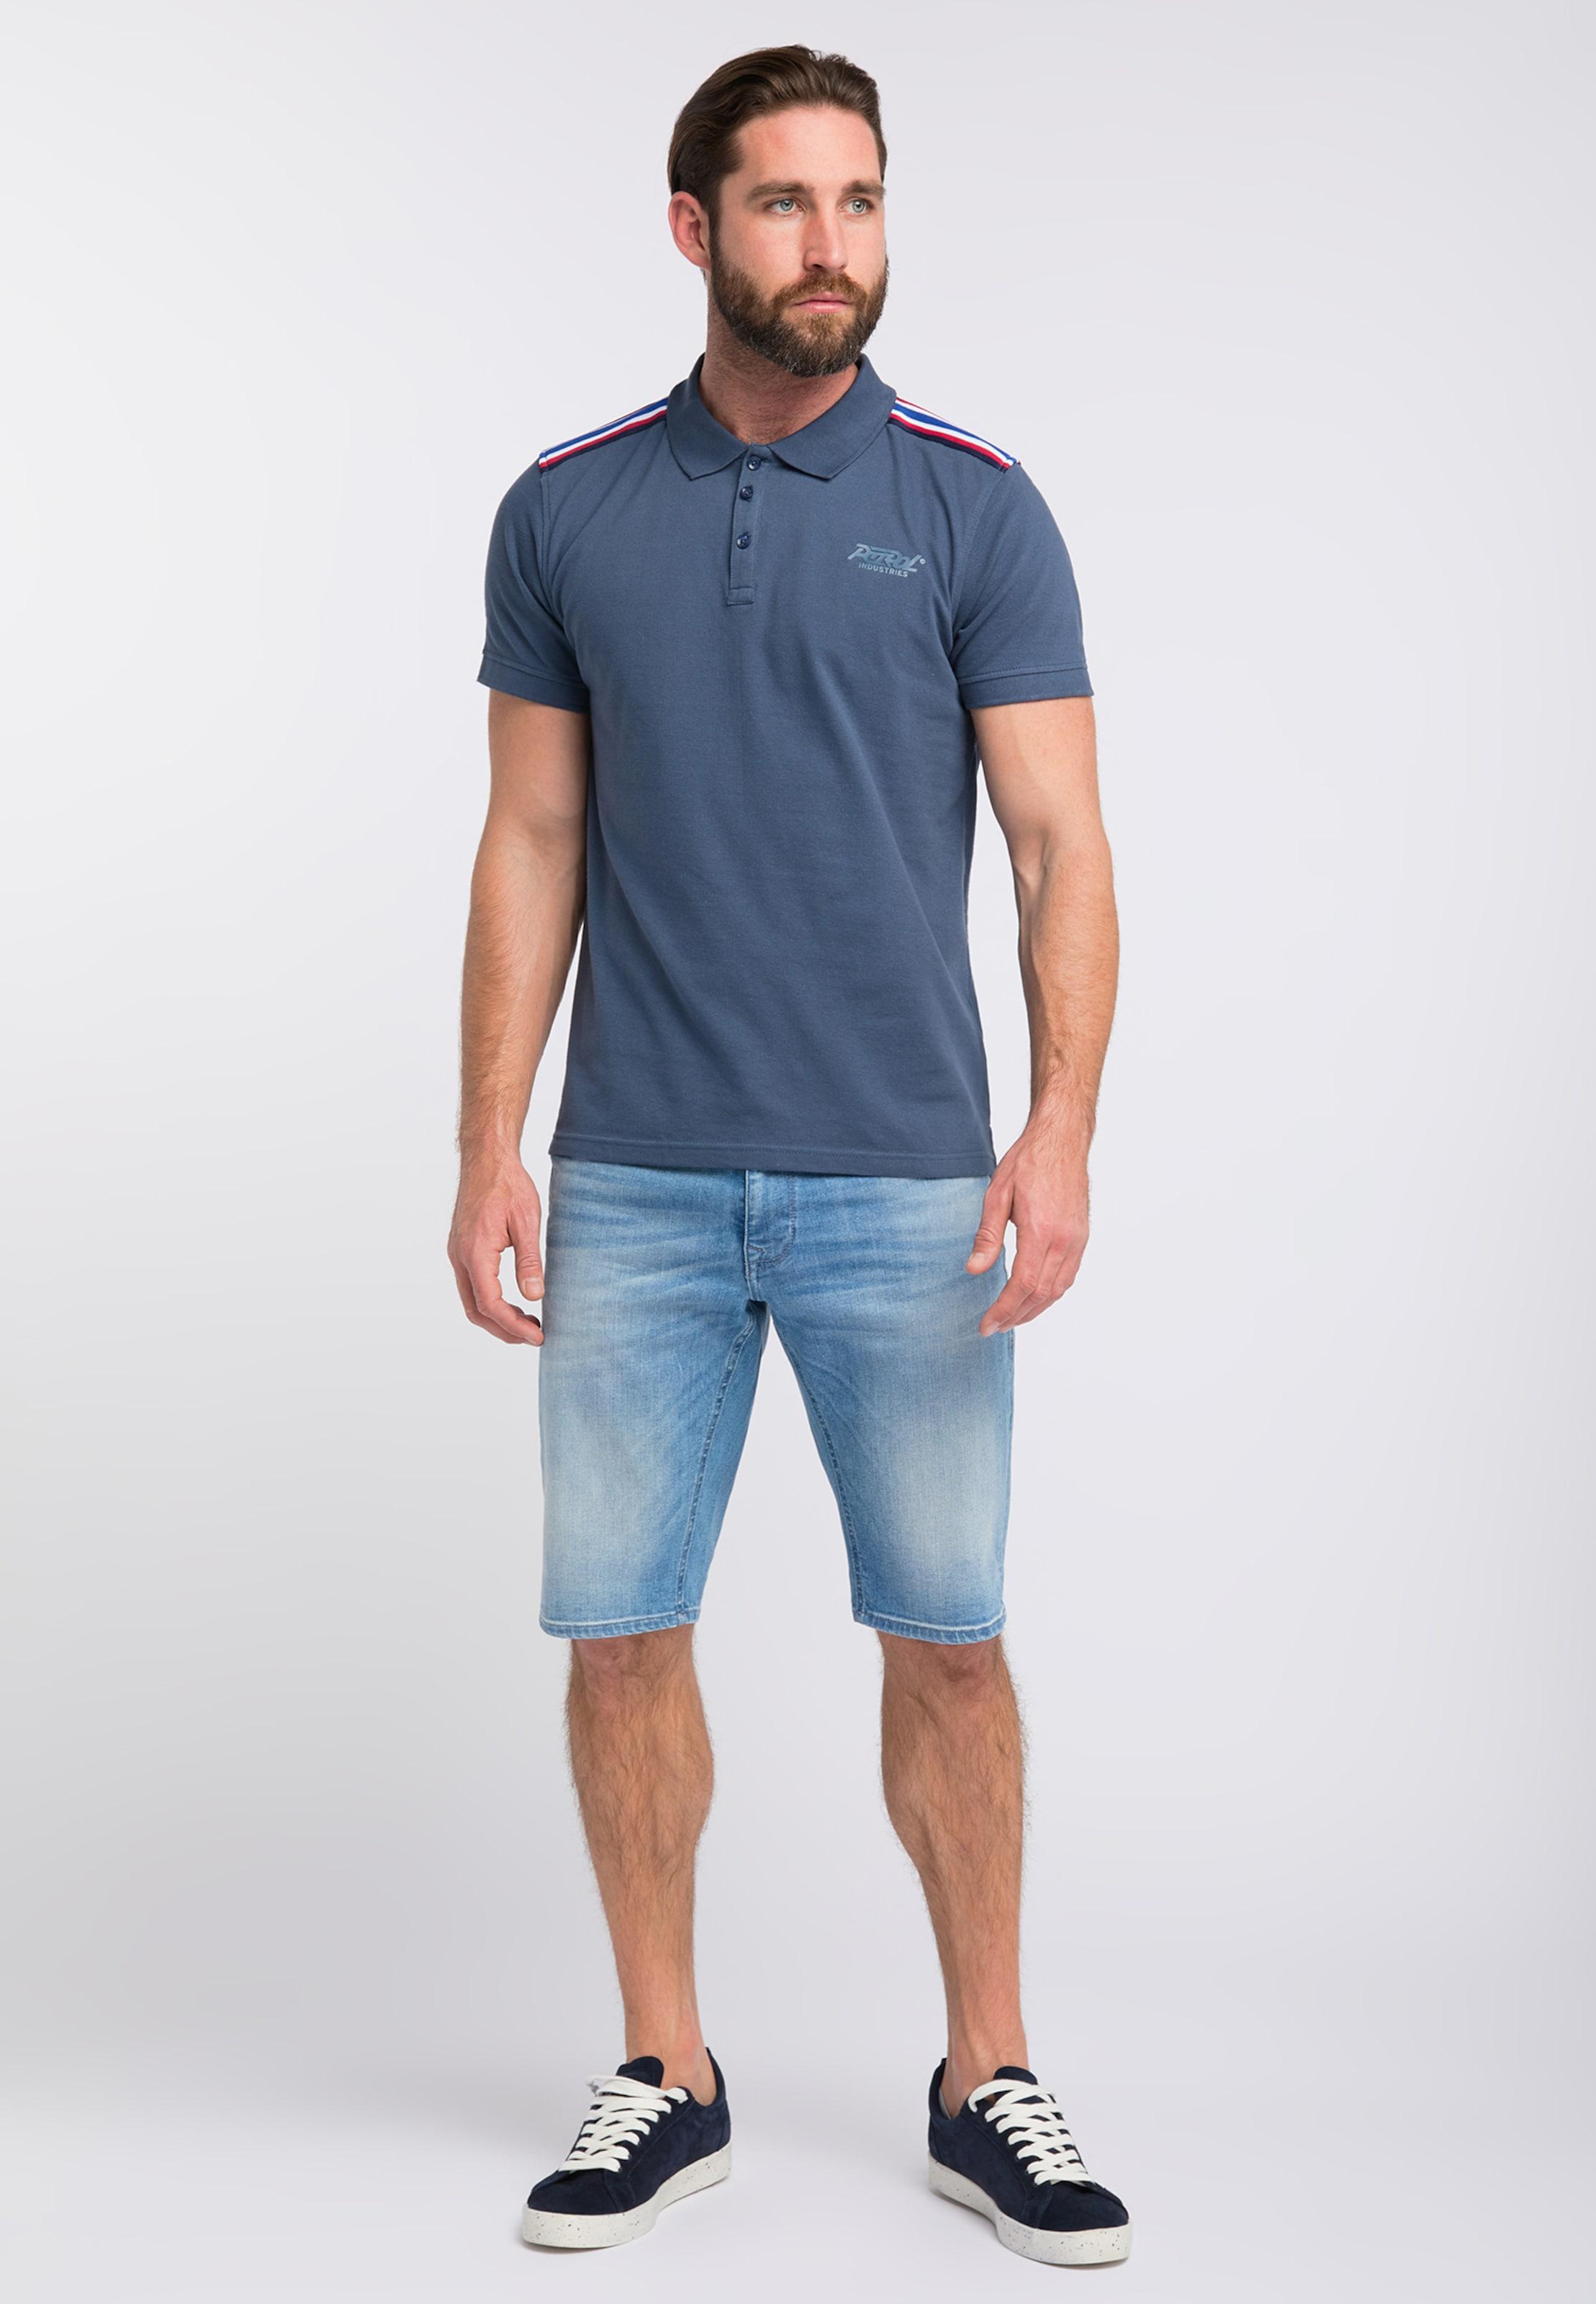 BleuMélange Industries T De En shirt Petrol Couleurs 29WHYDEeIb